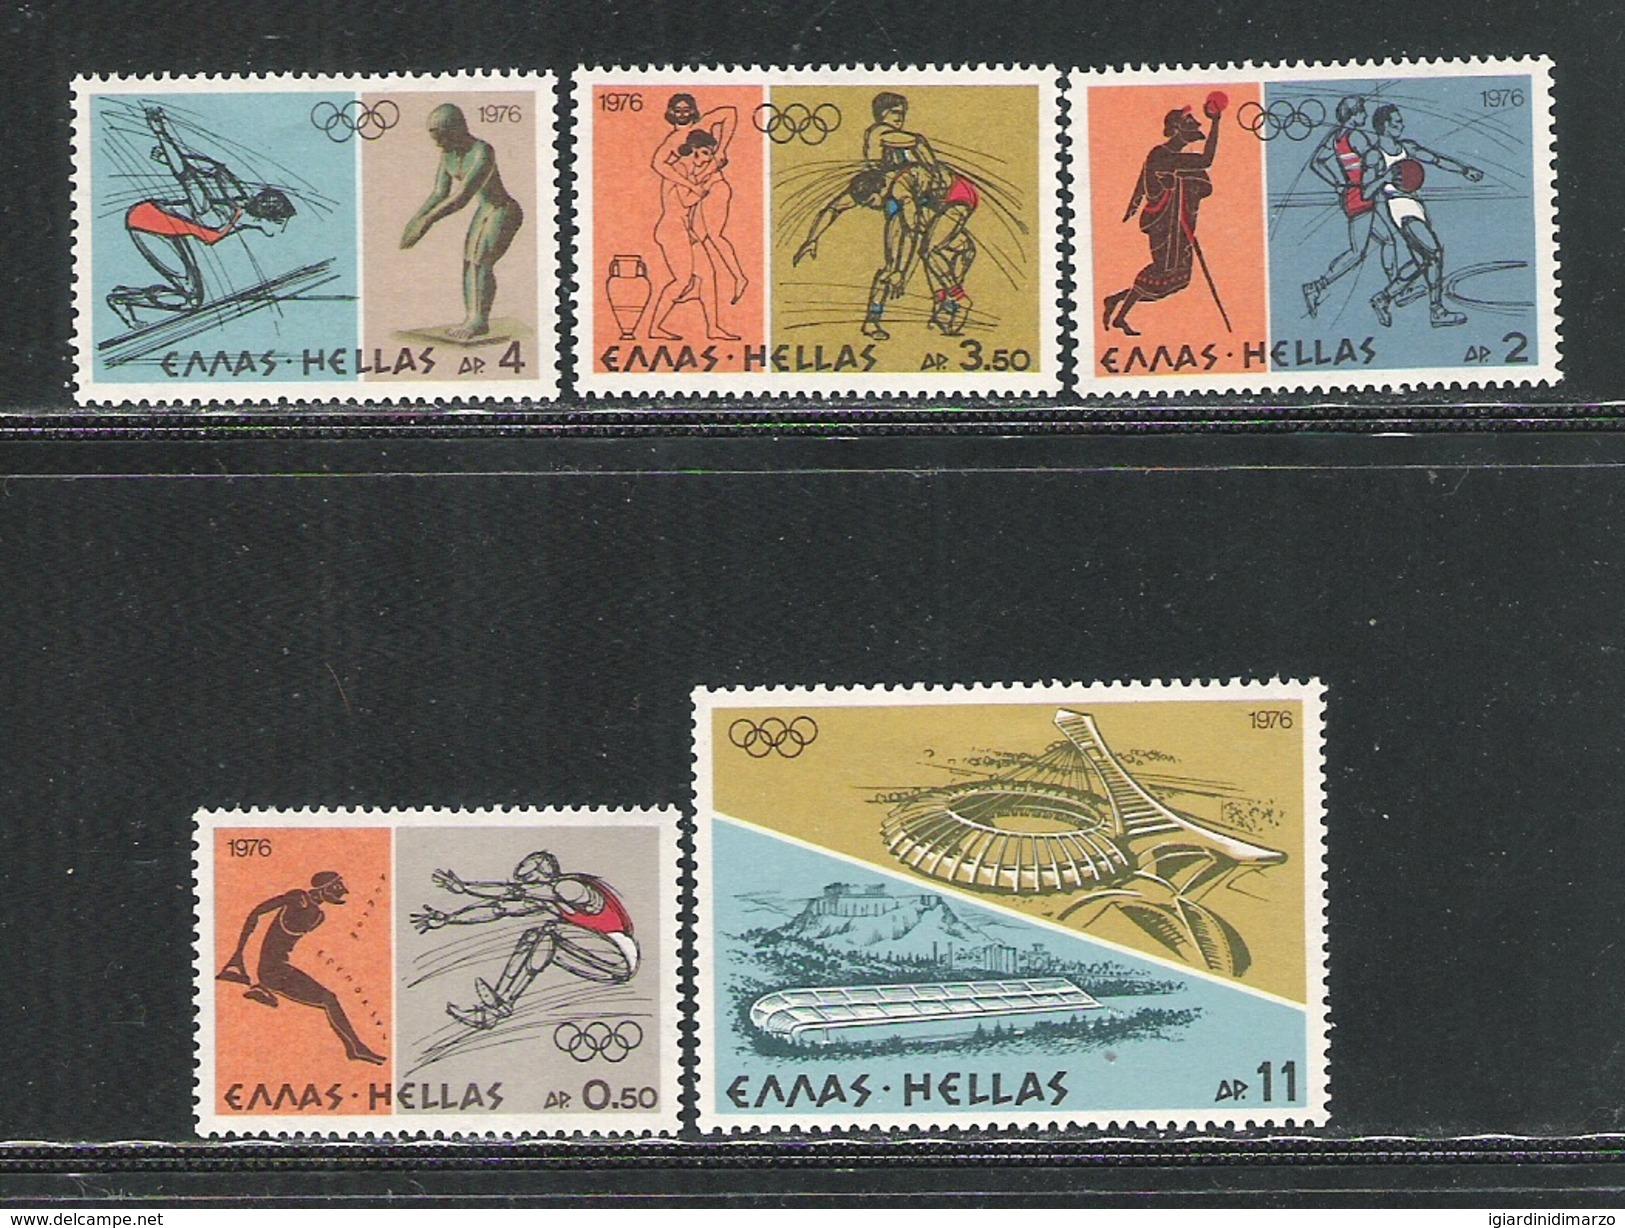 GRECIA - 1976: 6 VALORI NUOVI STL DEDICATI AI GIOCHI OLIMPICI DI MONTREAL - IN OTTIME CONDIZIONI. - Estate 1976: Montreal